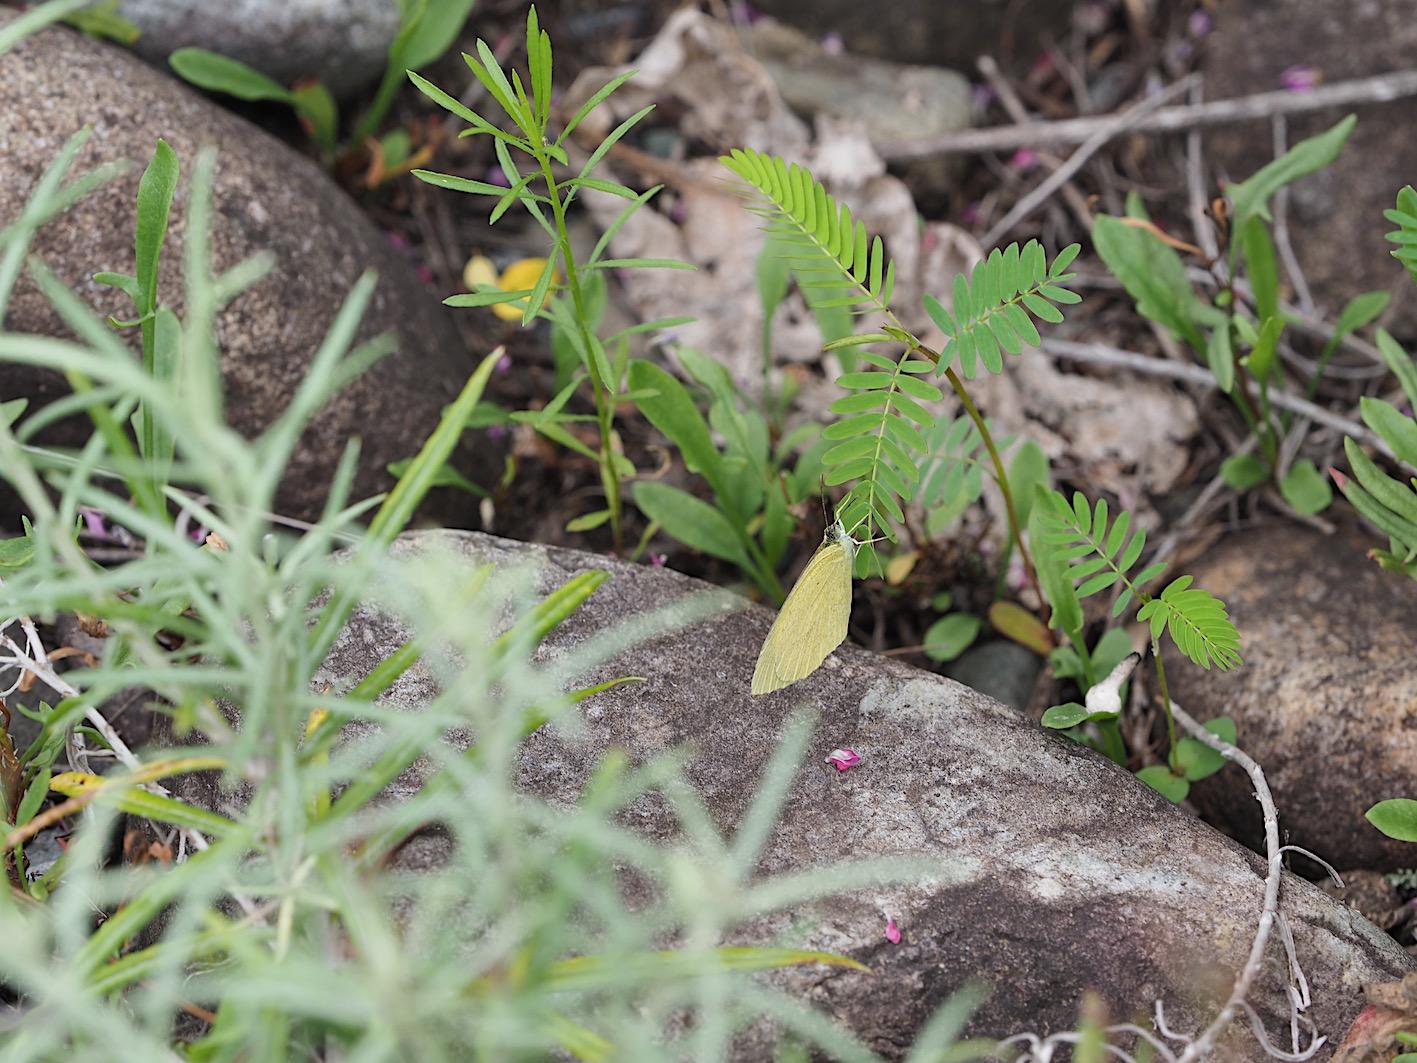 ツマグロキチョウの産卵シーン(2019年7月14日)_d0303129_1434537.jpg